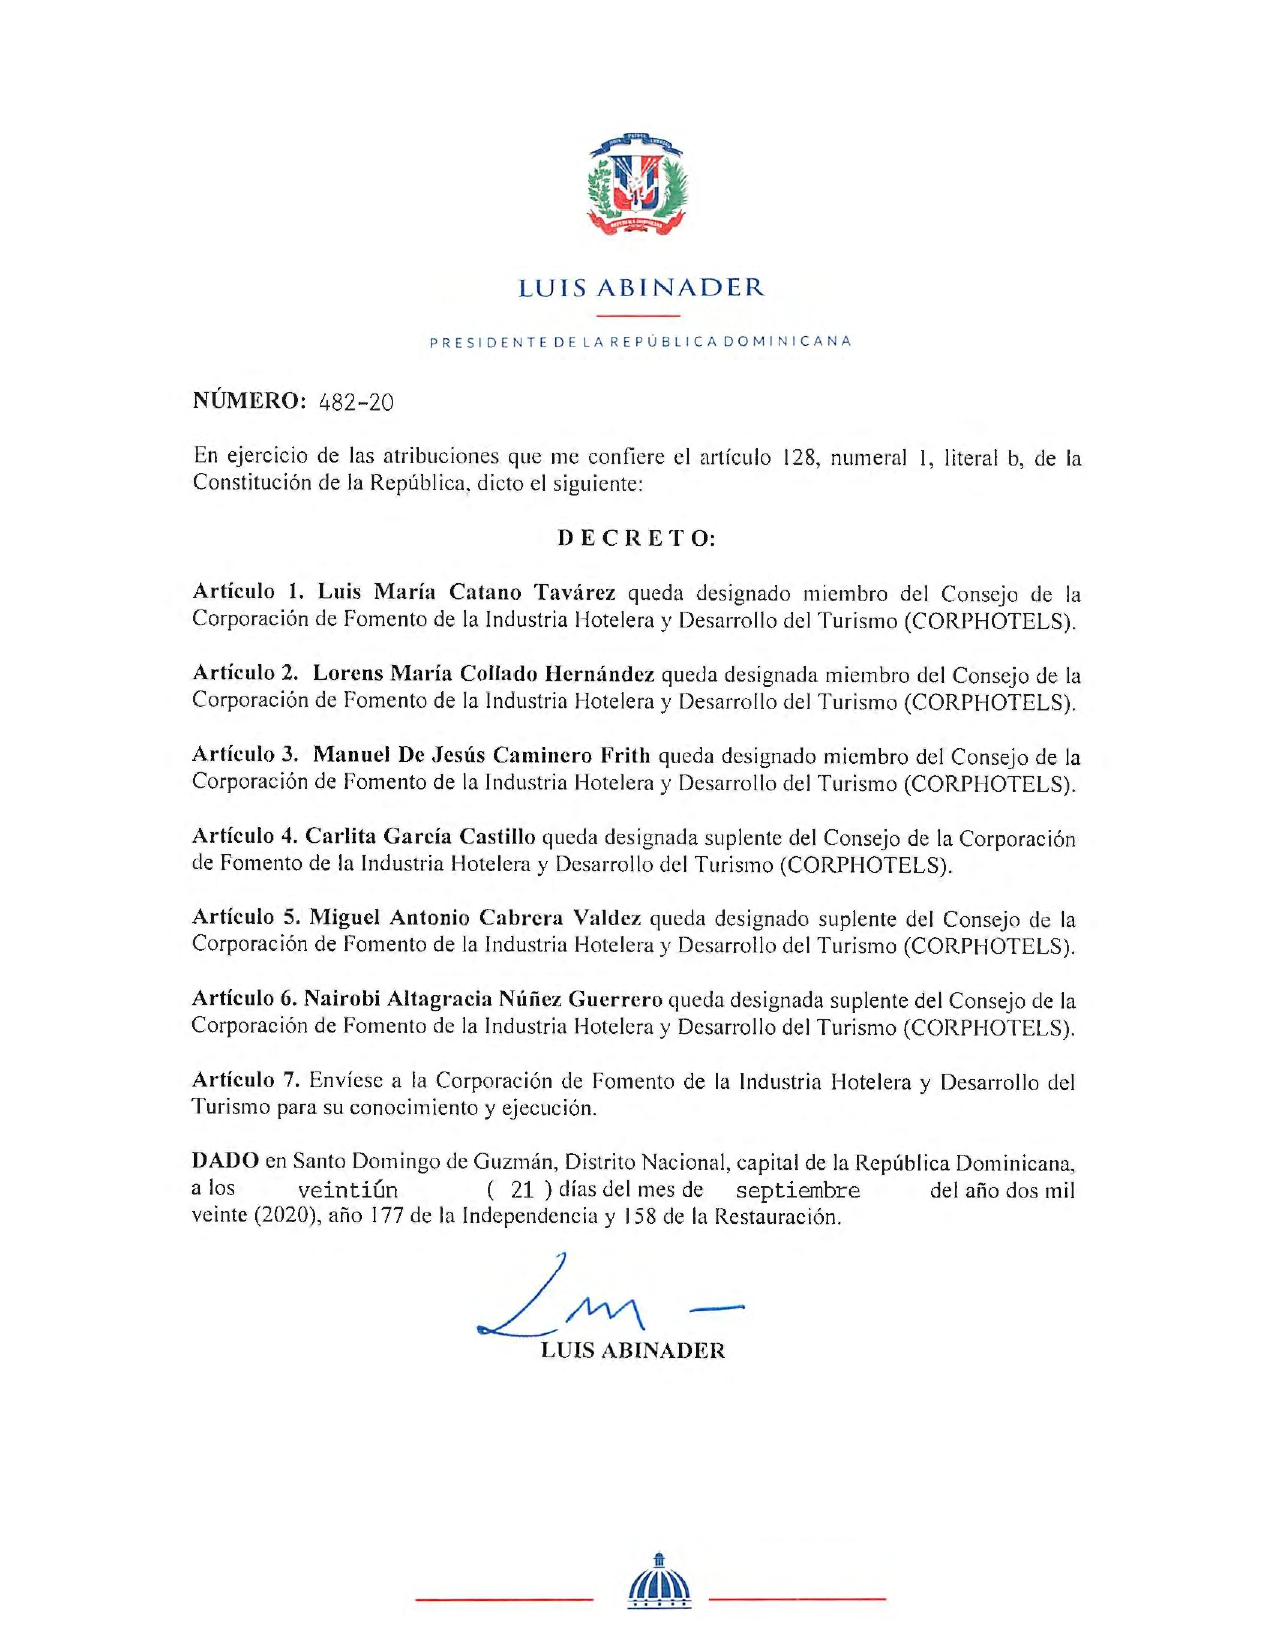 decreto 482-20